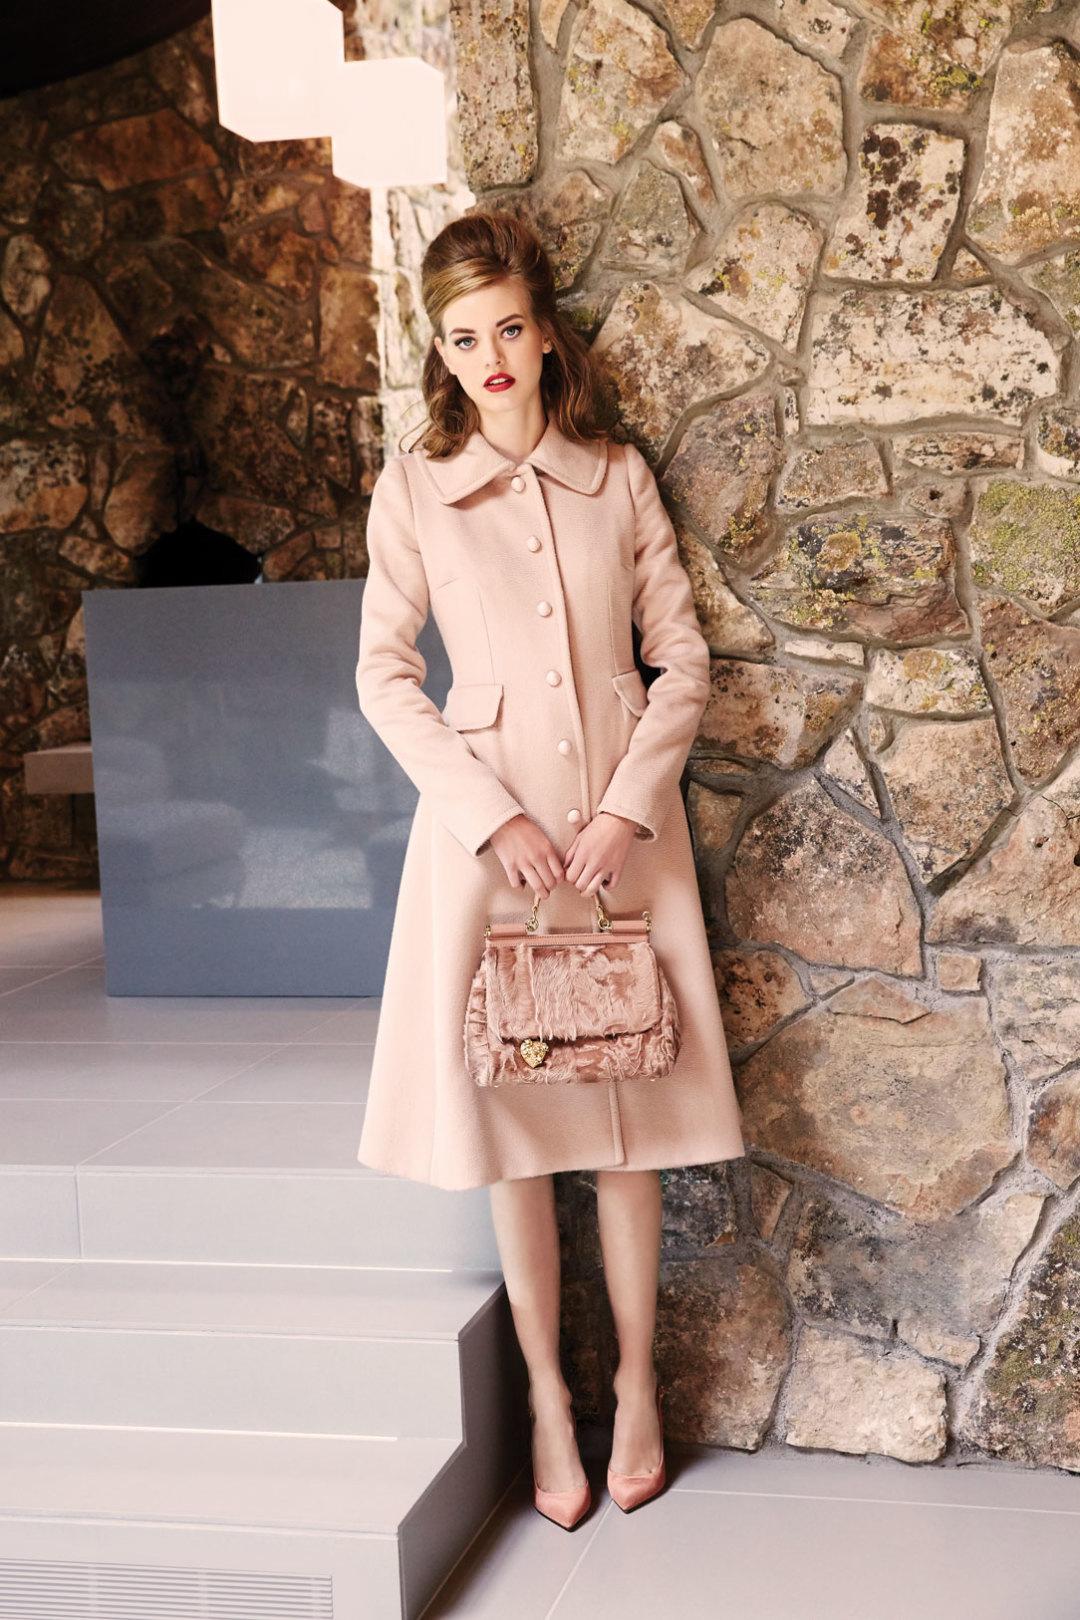 0915 fall fashion 5 szupkv